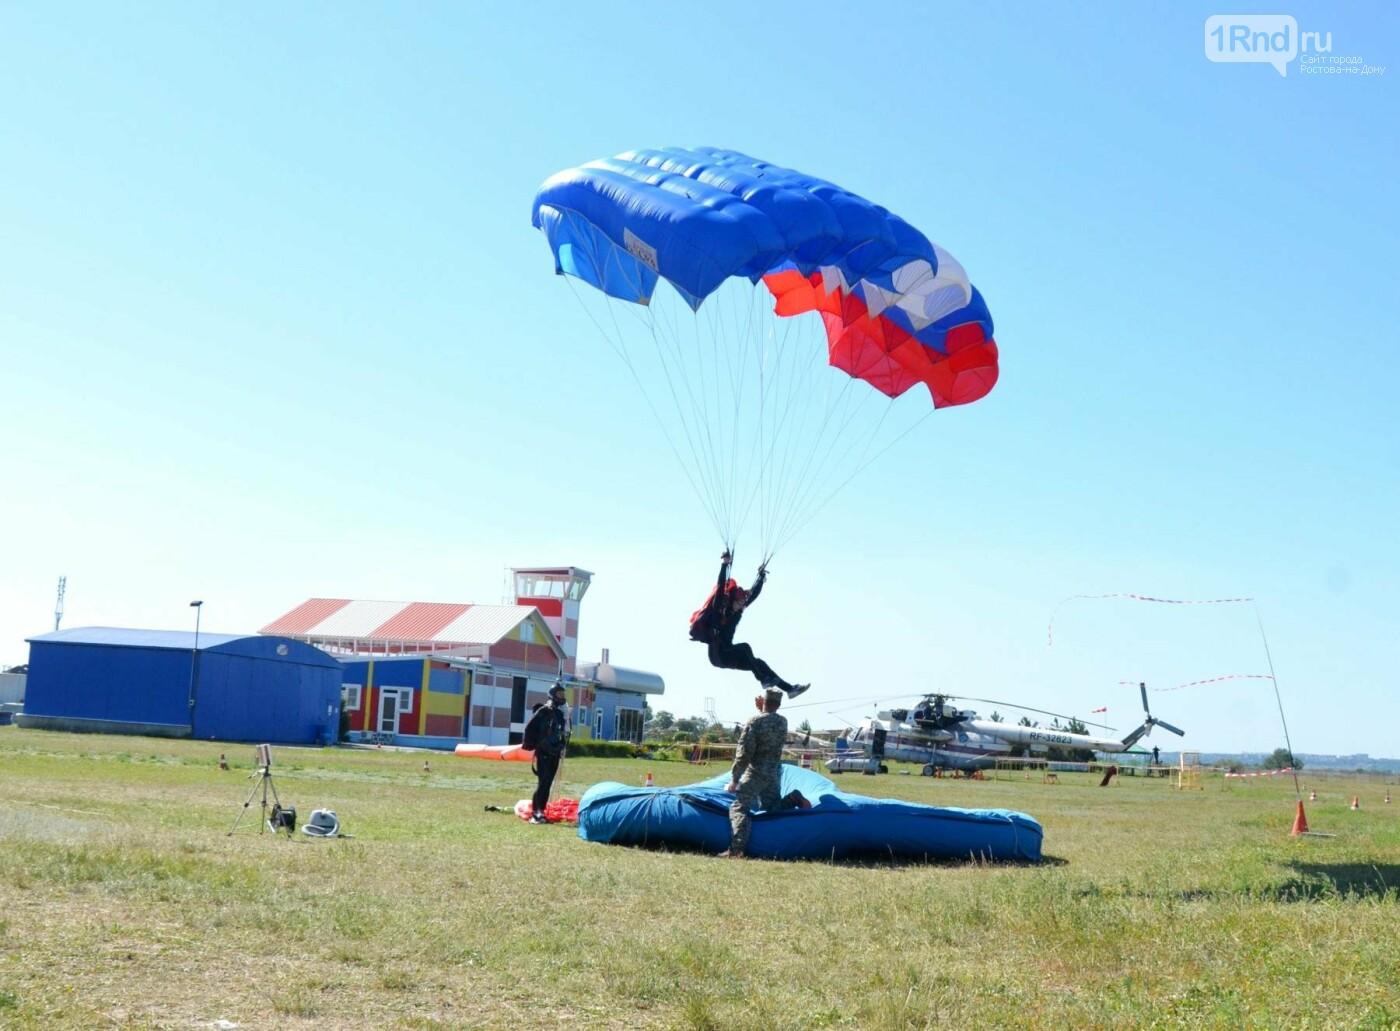 В Ростовской области проходит учебный сбор парашютистов, фото-1, Фото: Александр Барабашов